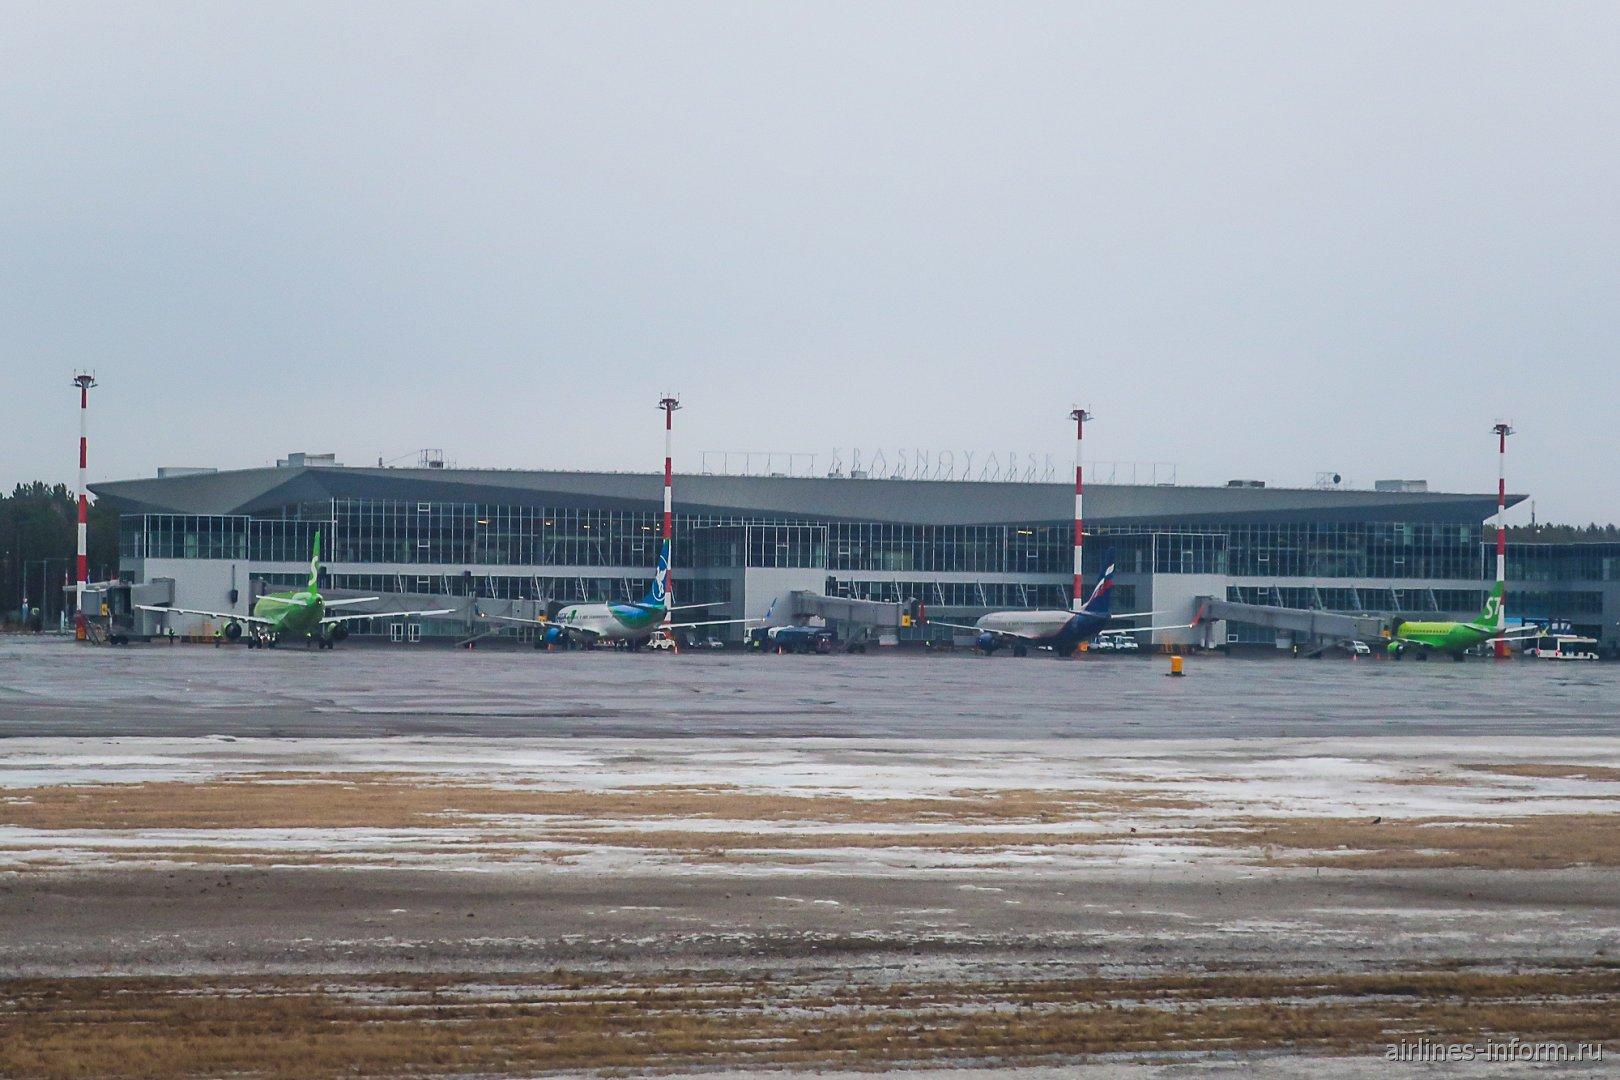 Новый пассажирский терминал аэропорта Красноярск